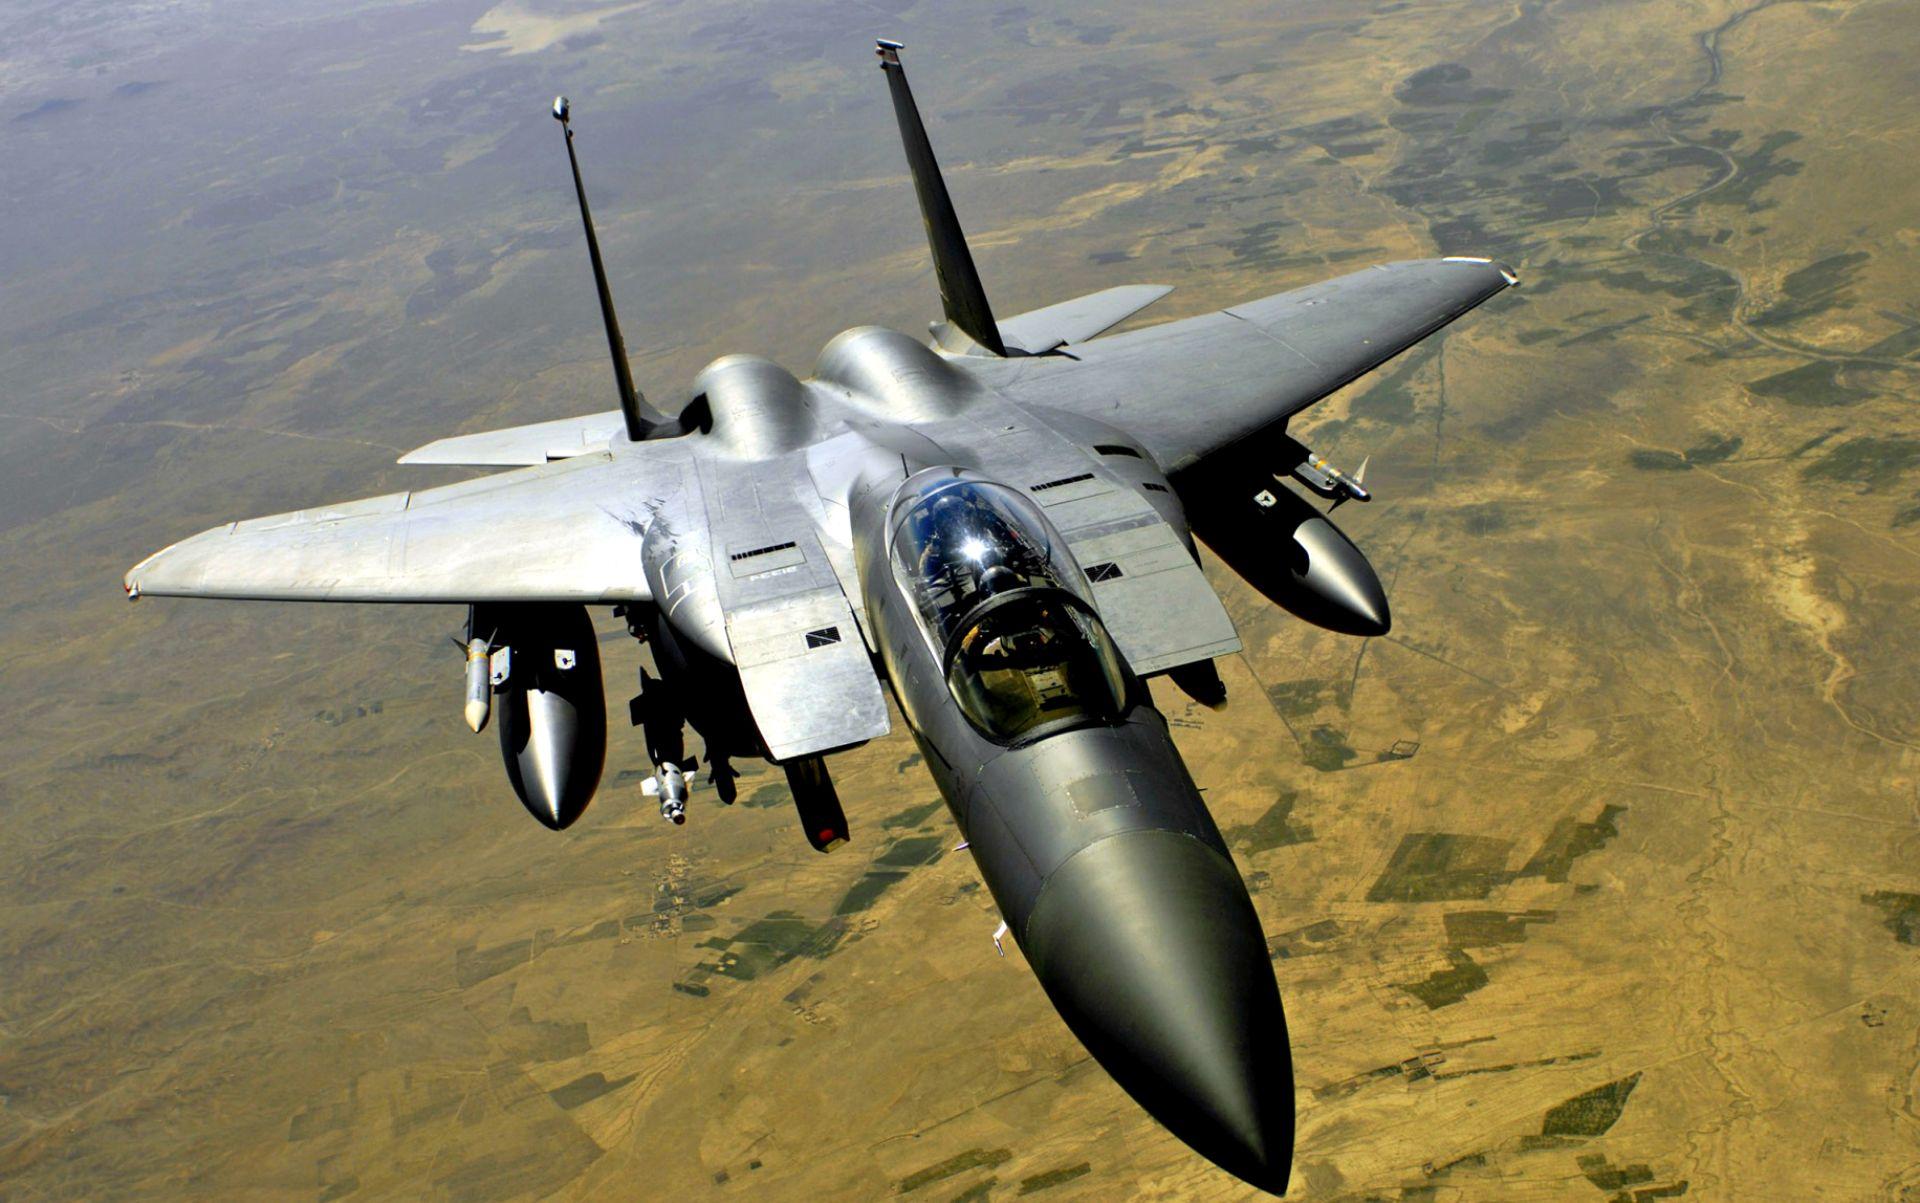 Fighter Jet Plane Hd Wallpaper Hd Wallpapers 4 Us Jet Plane Fighter Jets Aeroplane